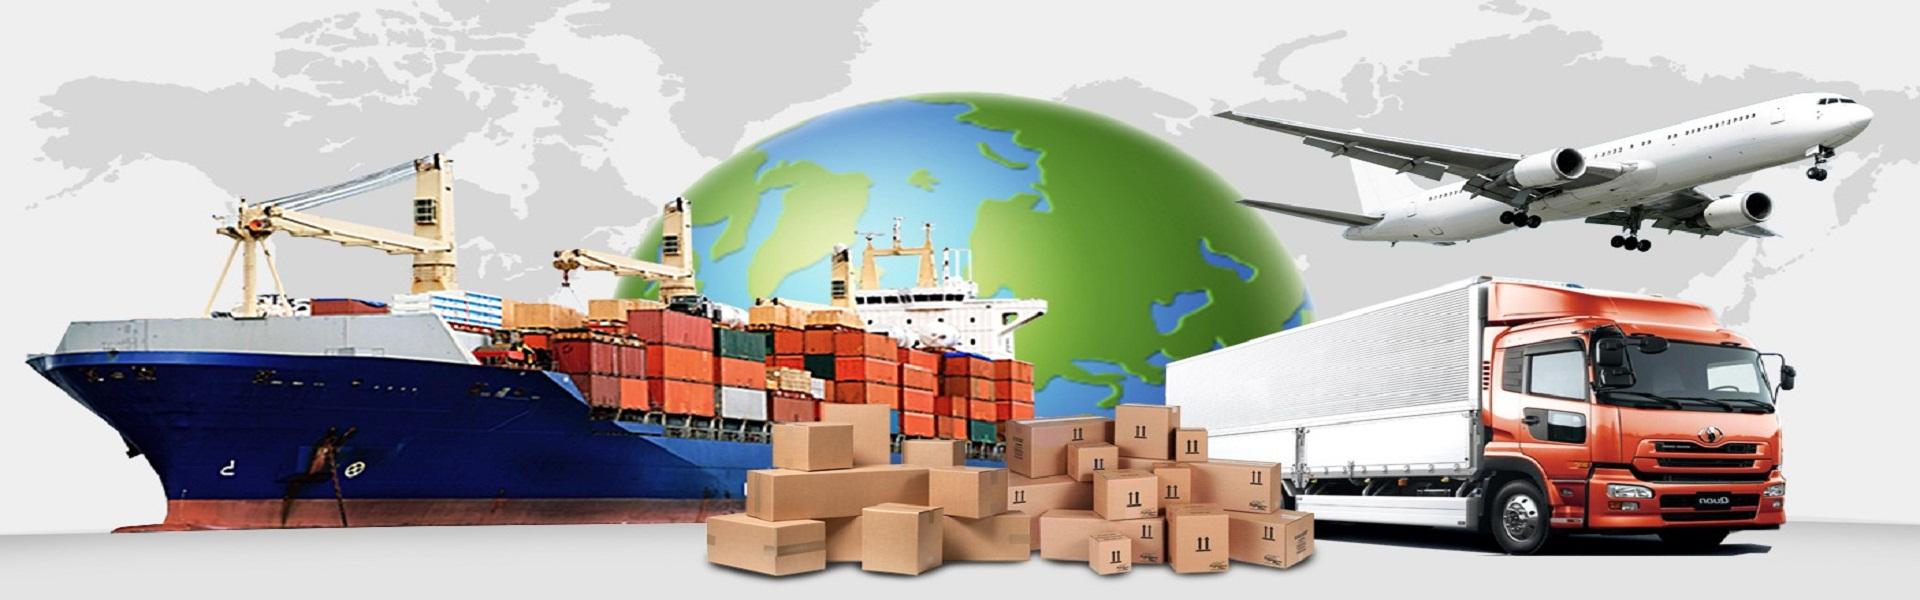 Dịch vụ chuyển hàng từ Đà Nẵng đi Guernsay chuyên nghiệp